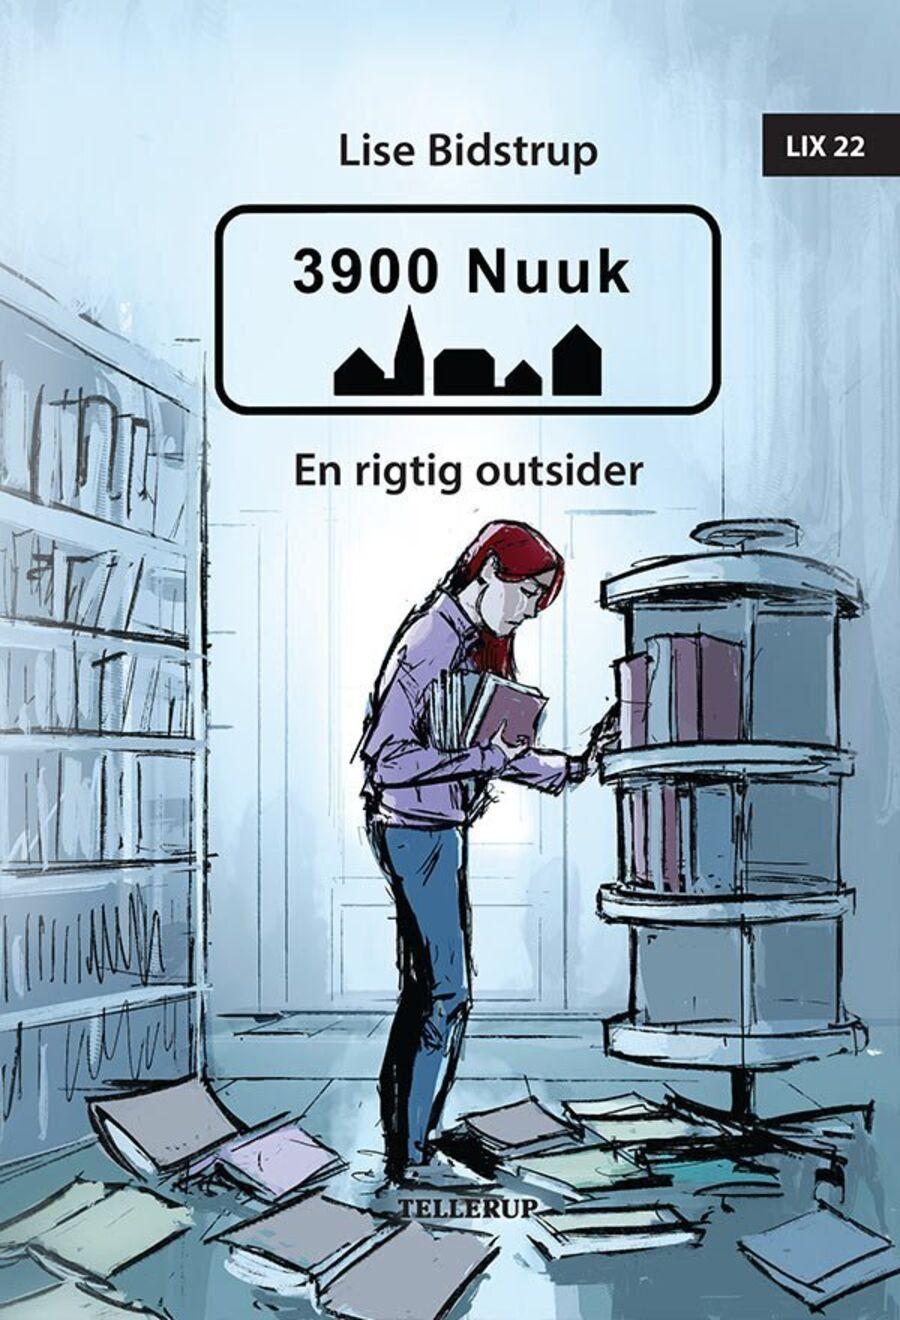 3900 Nuuk - en rigtig outsider